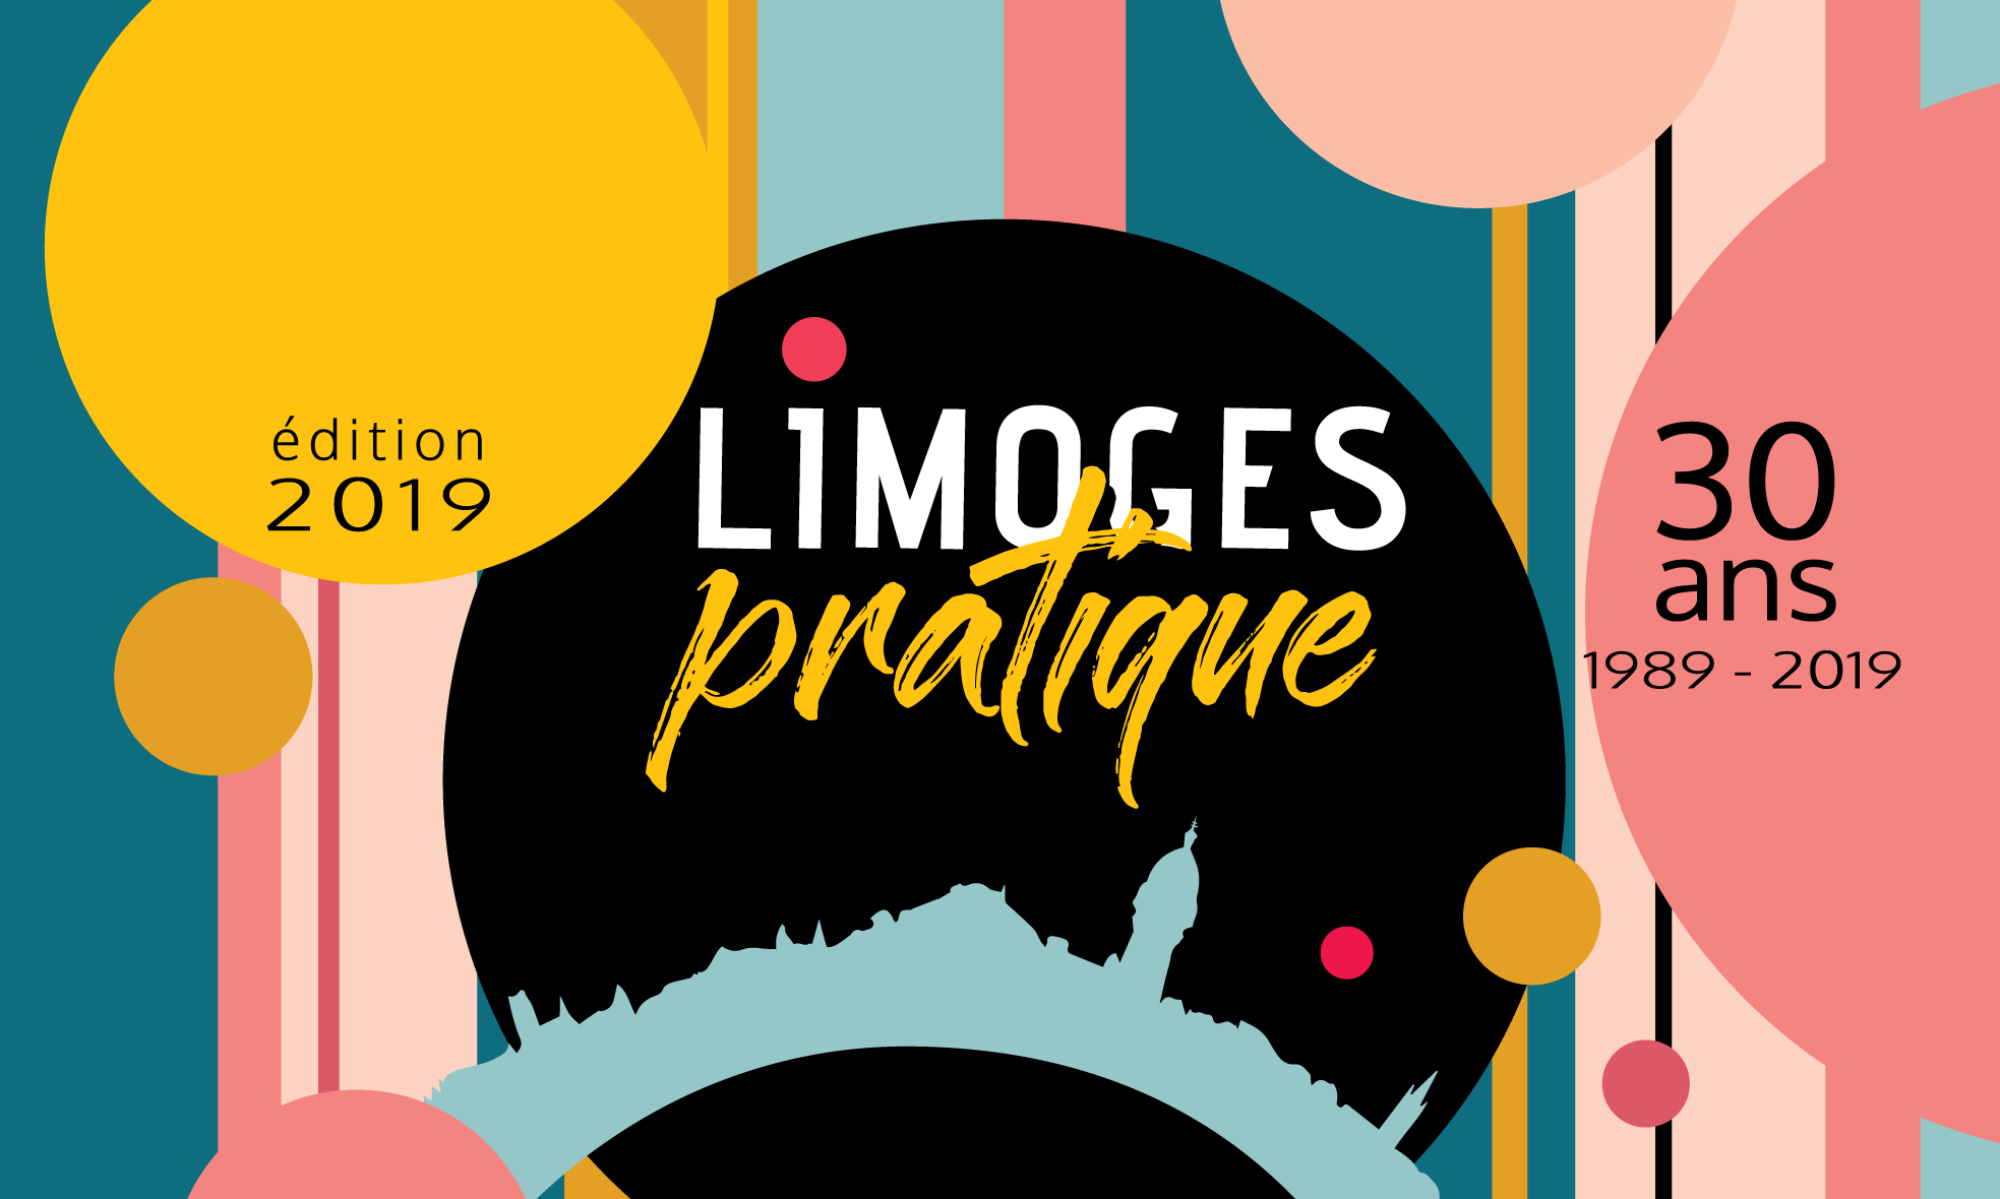 Limoges Pratique